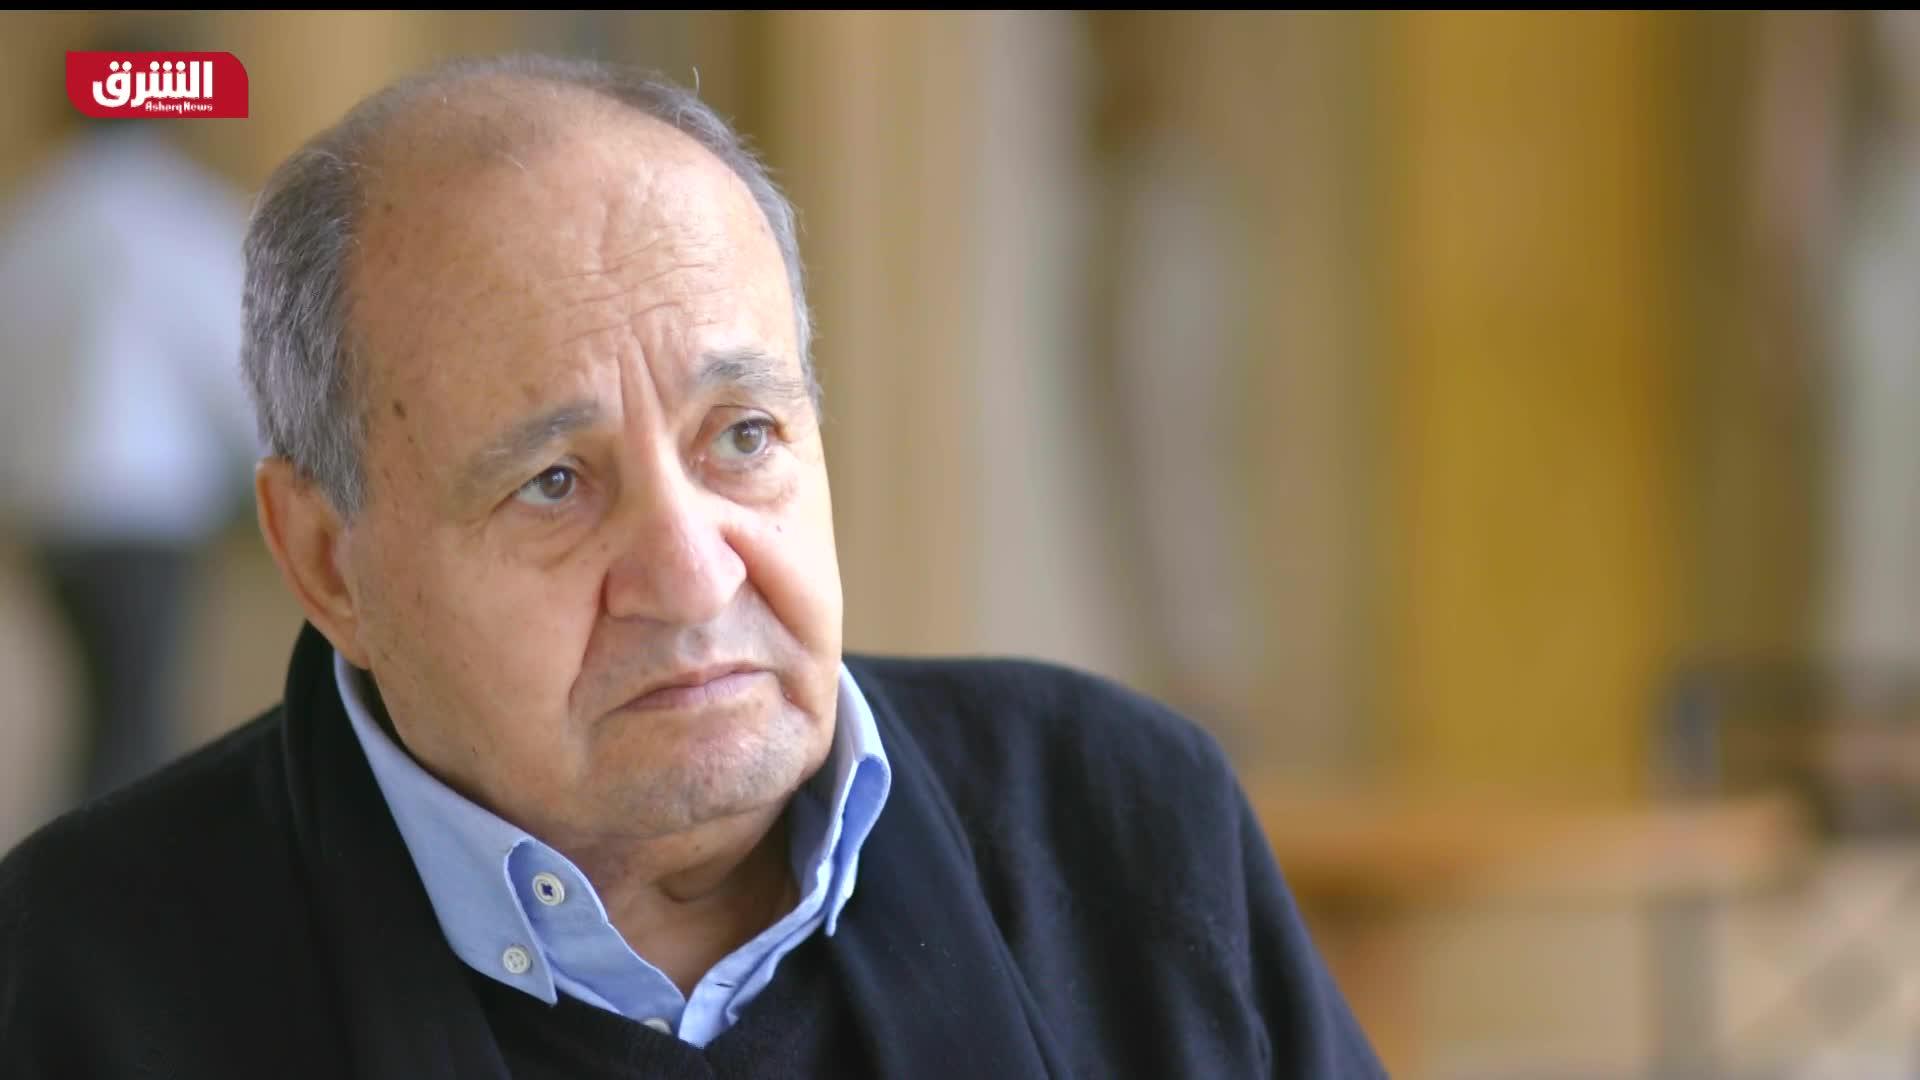 مقابلة خاصة مع الراحل وحيد حامد